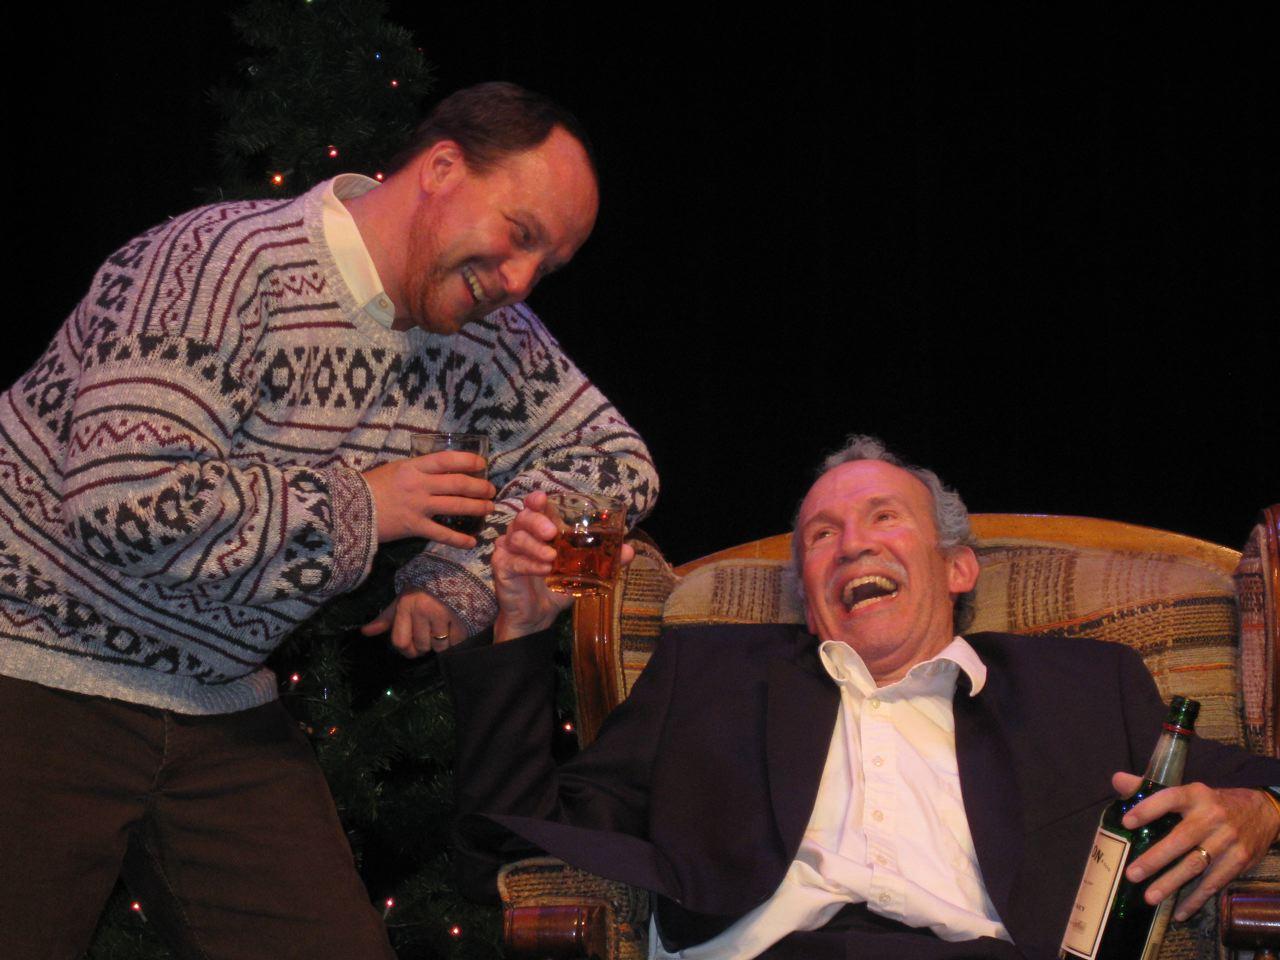 CATCO Presents THE SEAFARER 11/24-12/13